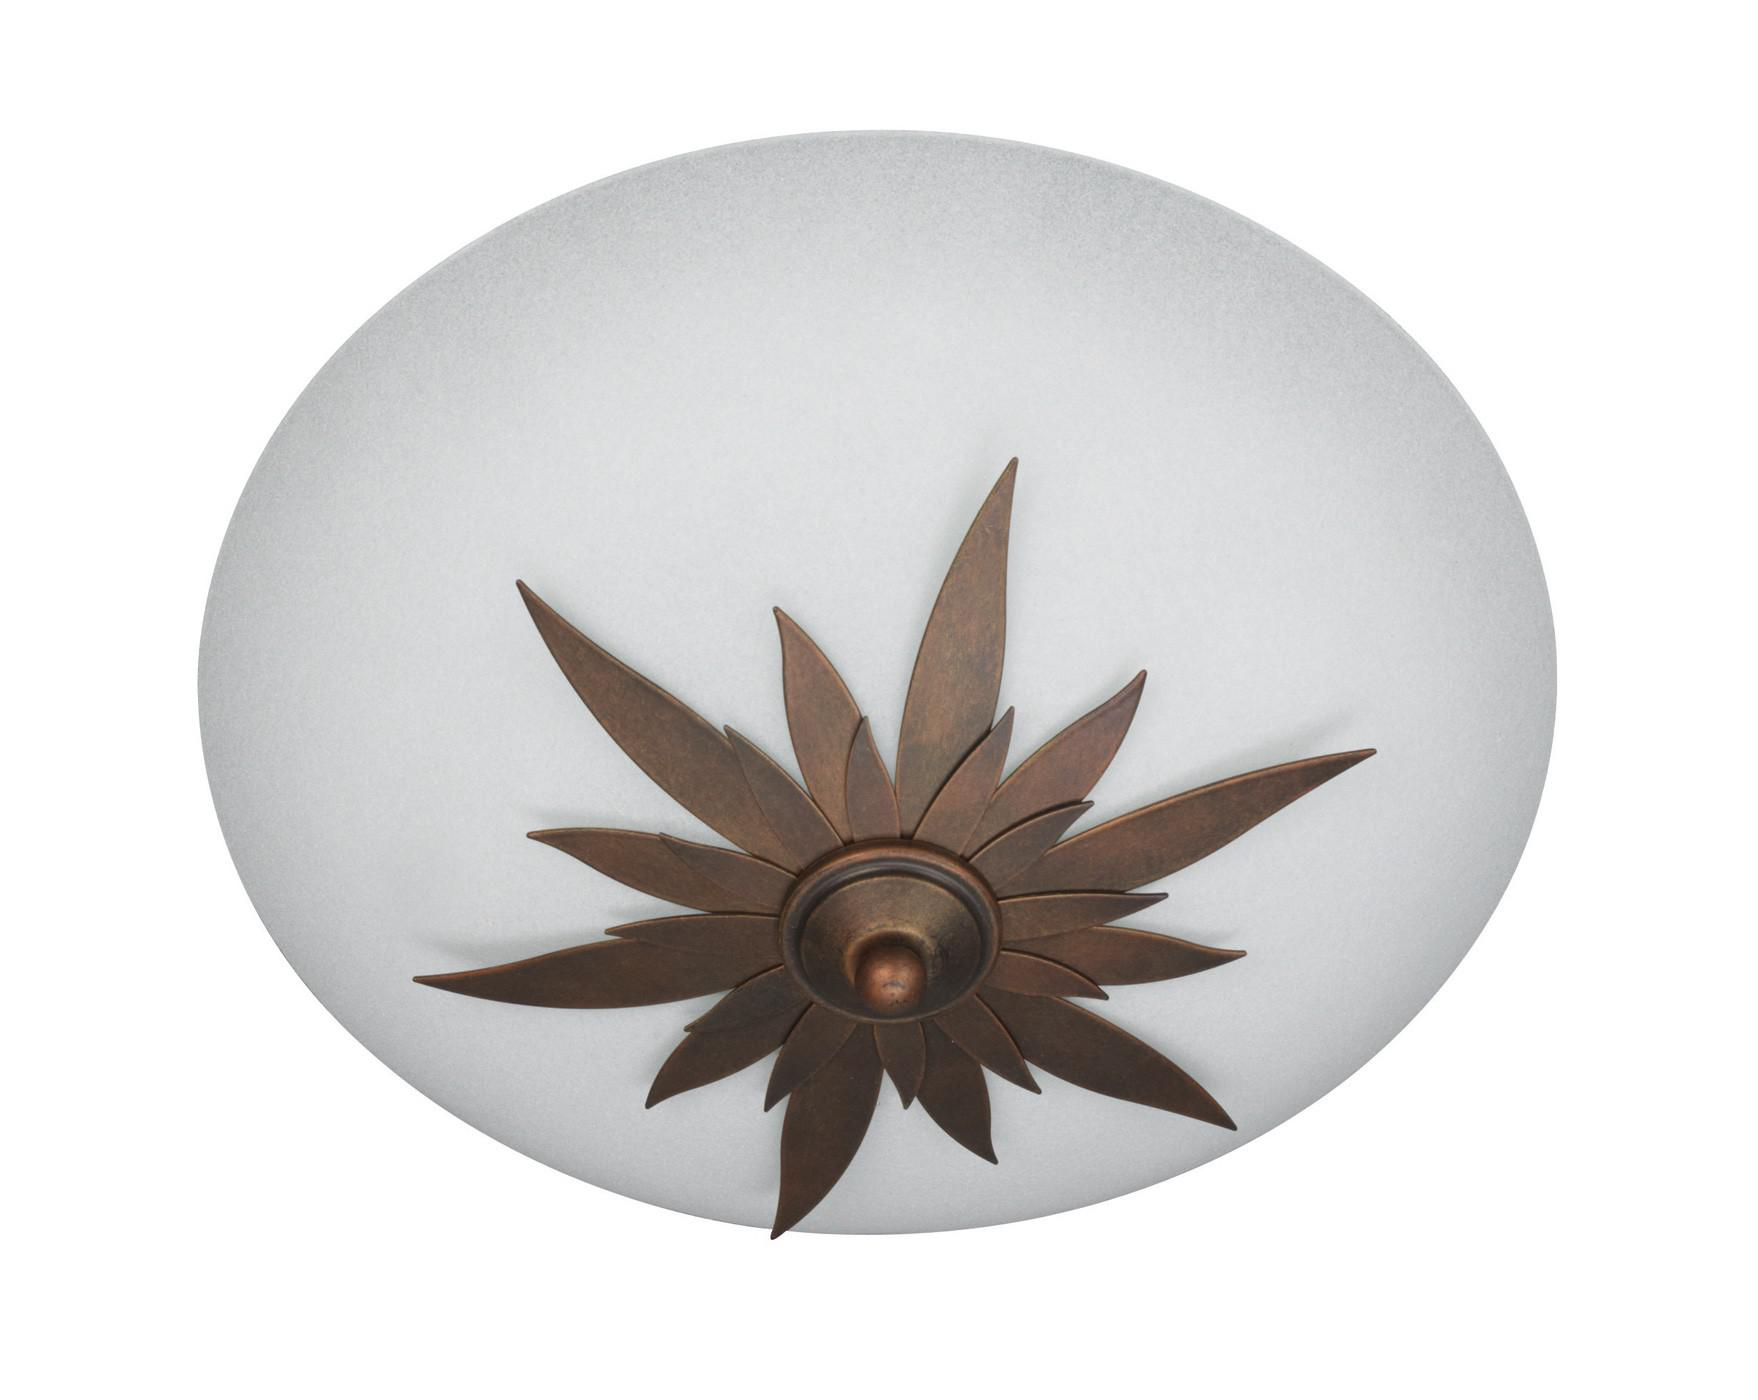 Energiespar deckenleuchte marian deckenlampe rustikal leuchte kaufen bei - Deckenlampe rustikal ...